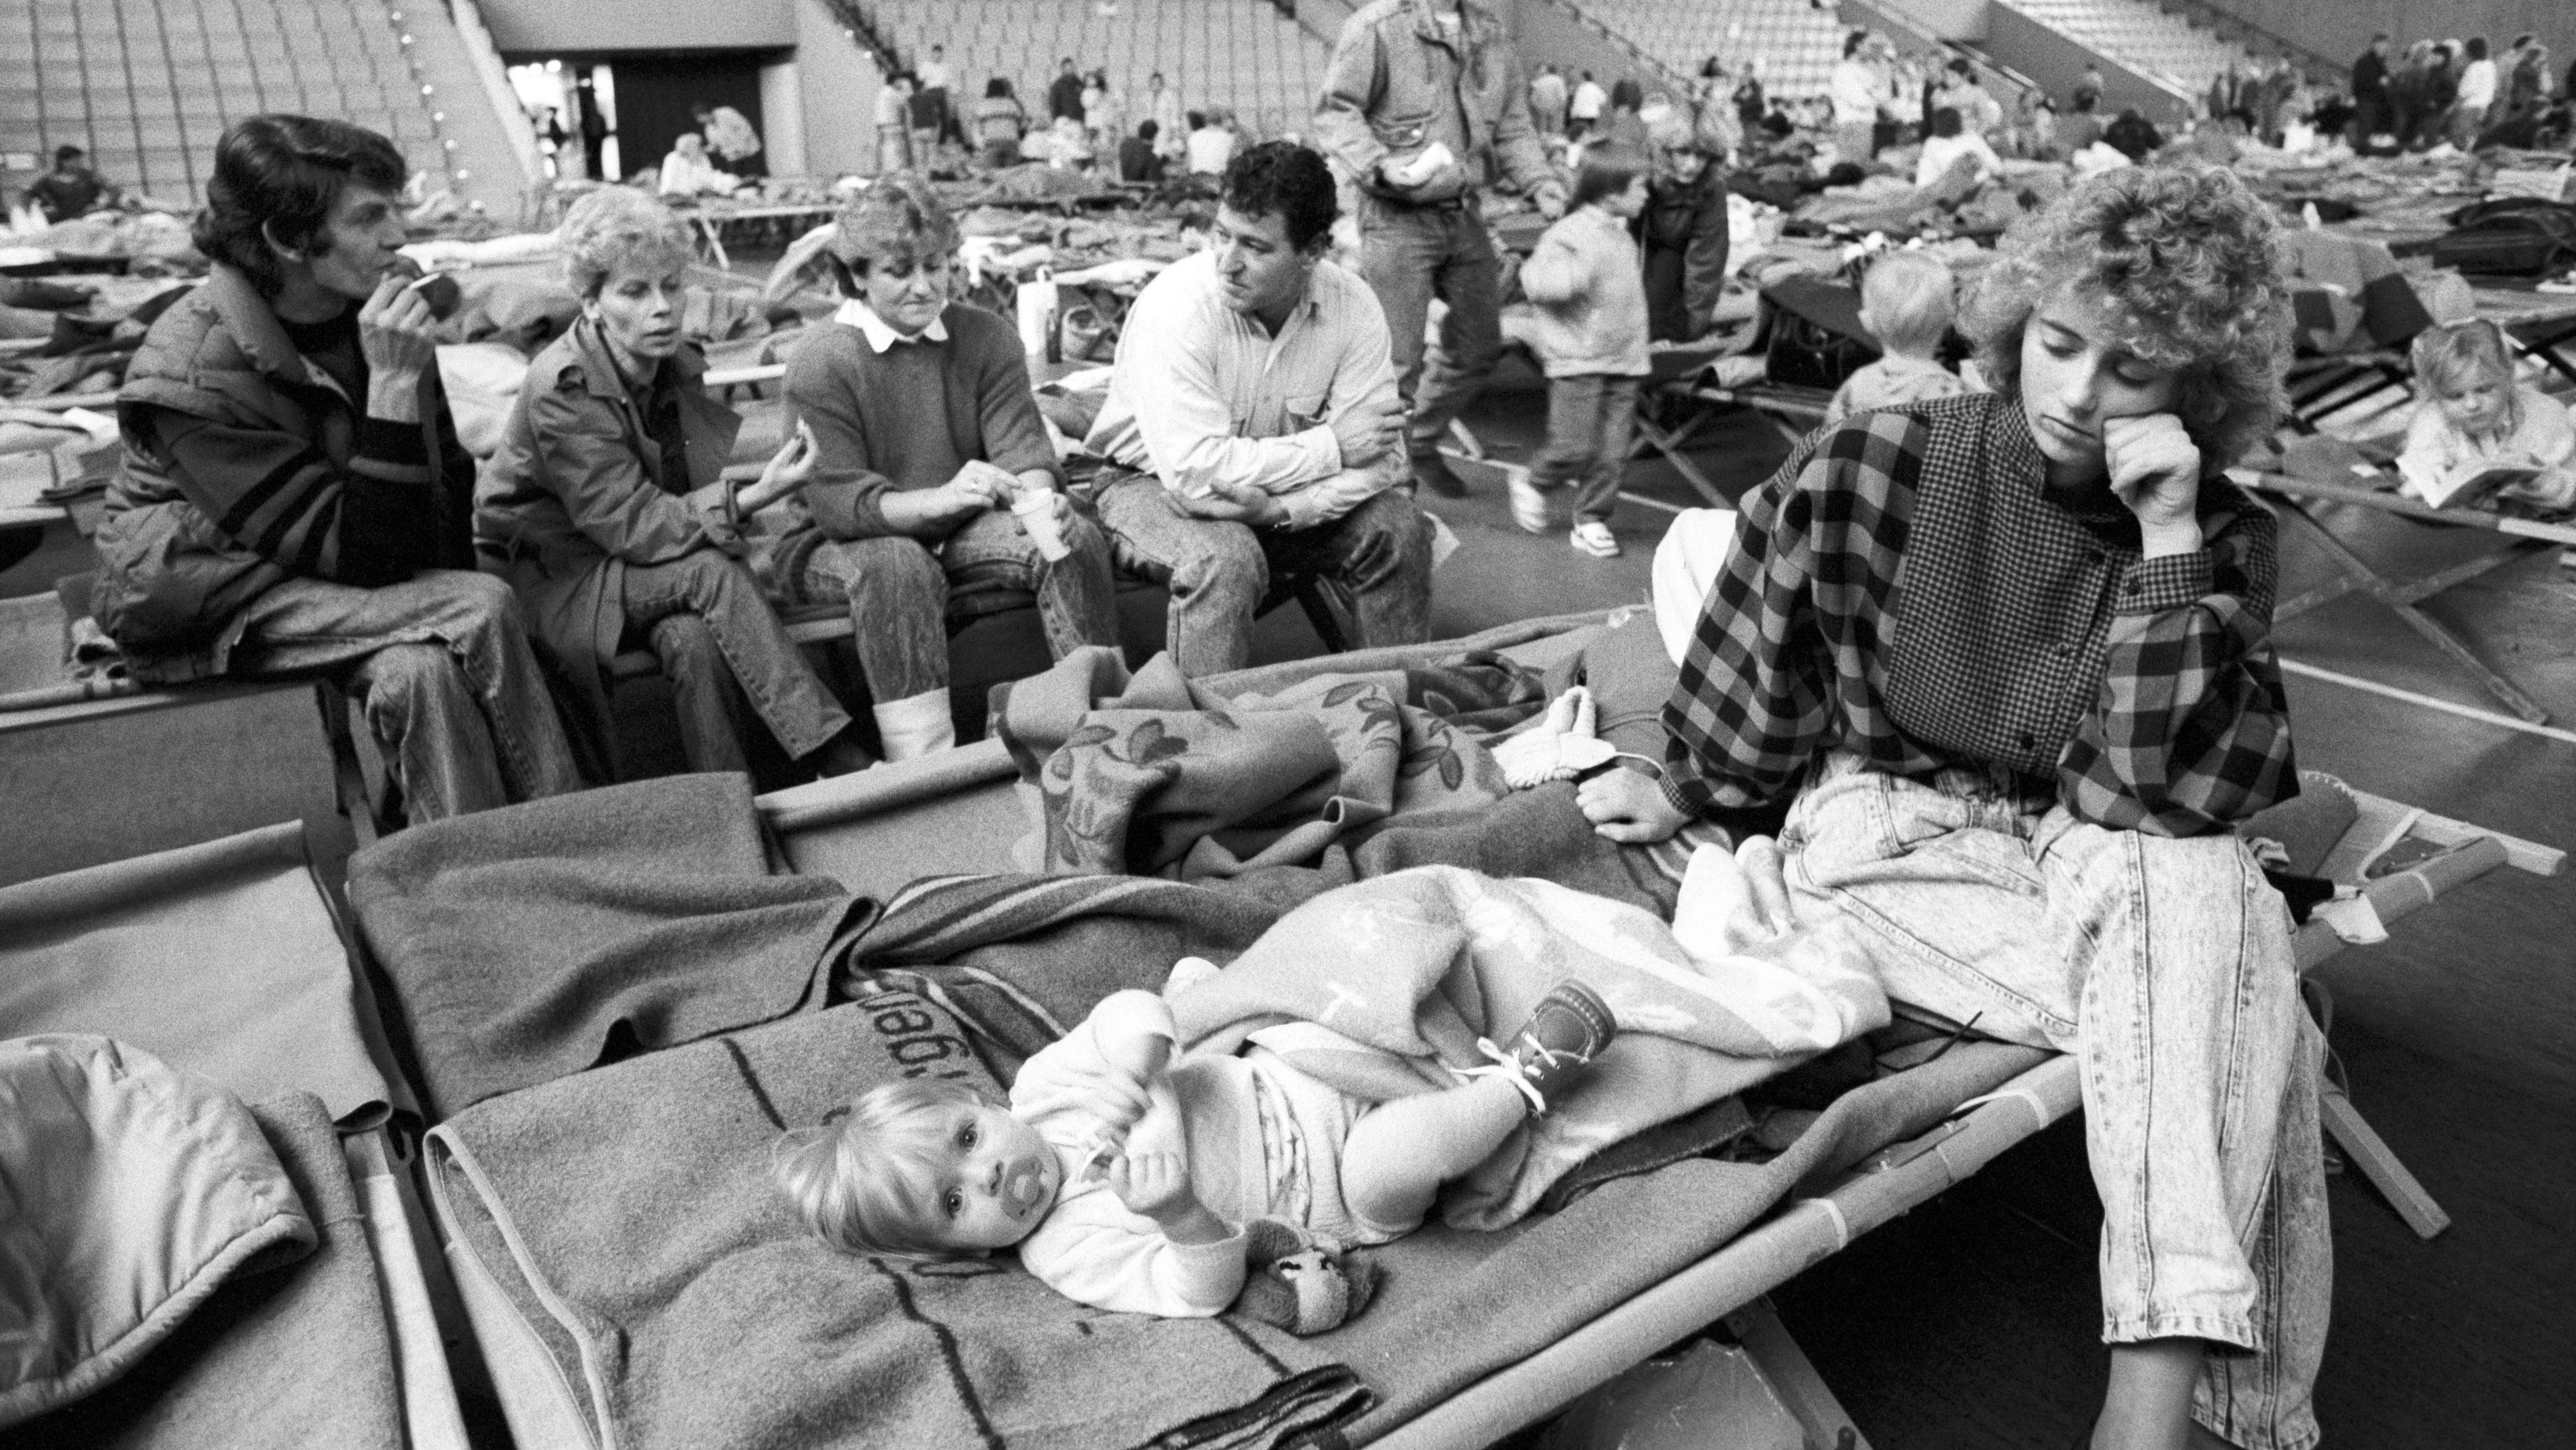 In der Freiheitshalle Hof stehen für 1000 Menschen nur 350 Betten zur Verfügung. Bis zum Abend werden weitere 650 Feldbetten herbeigeschafft.